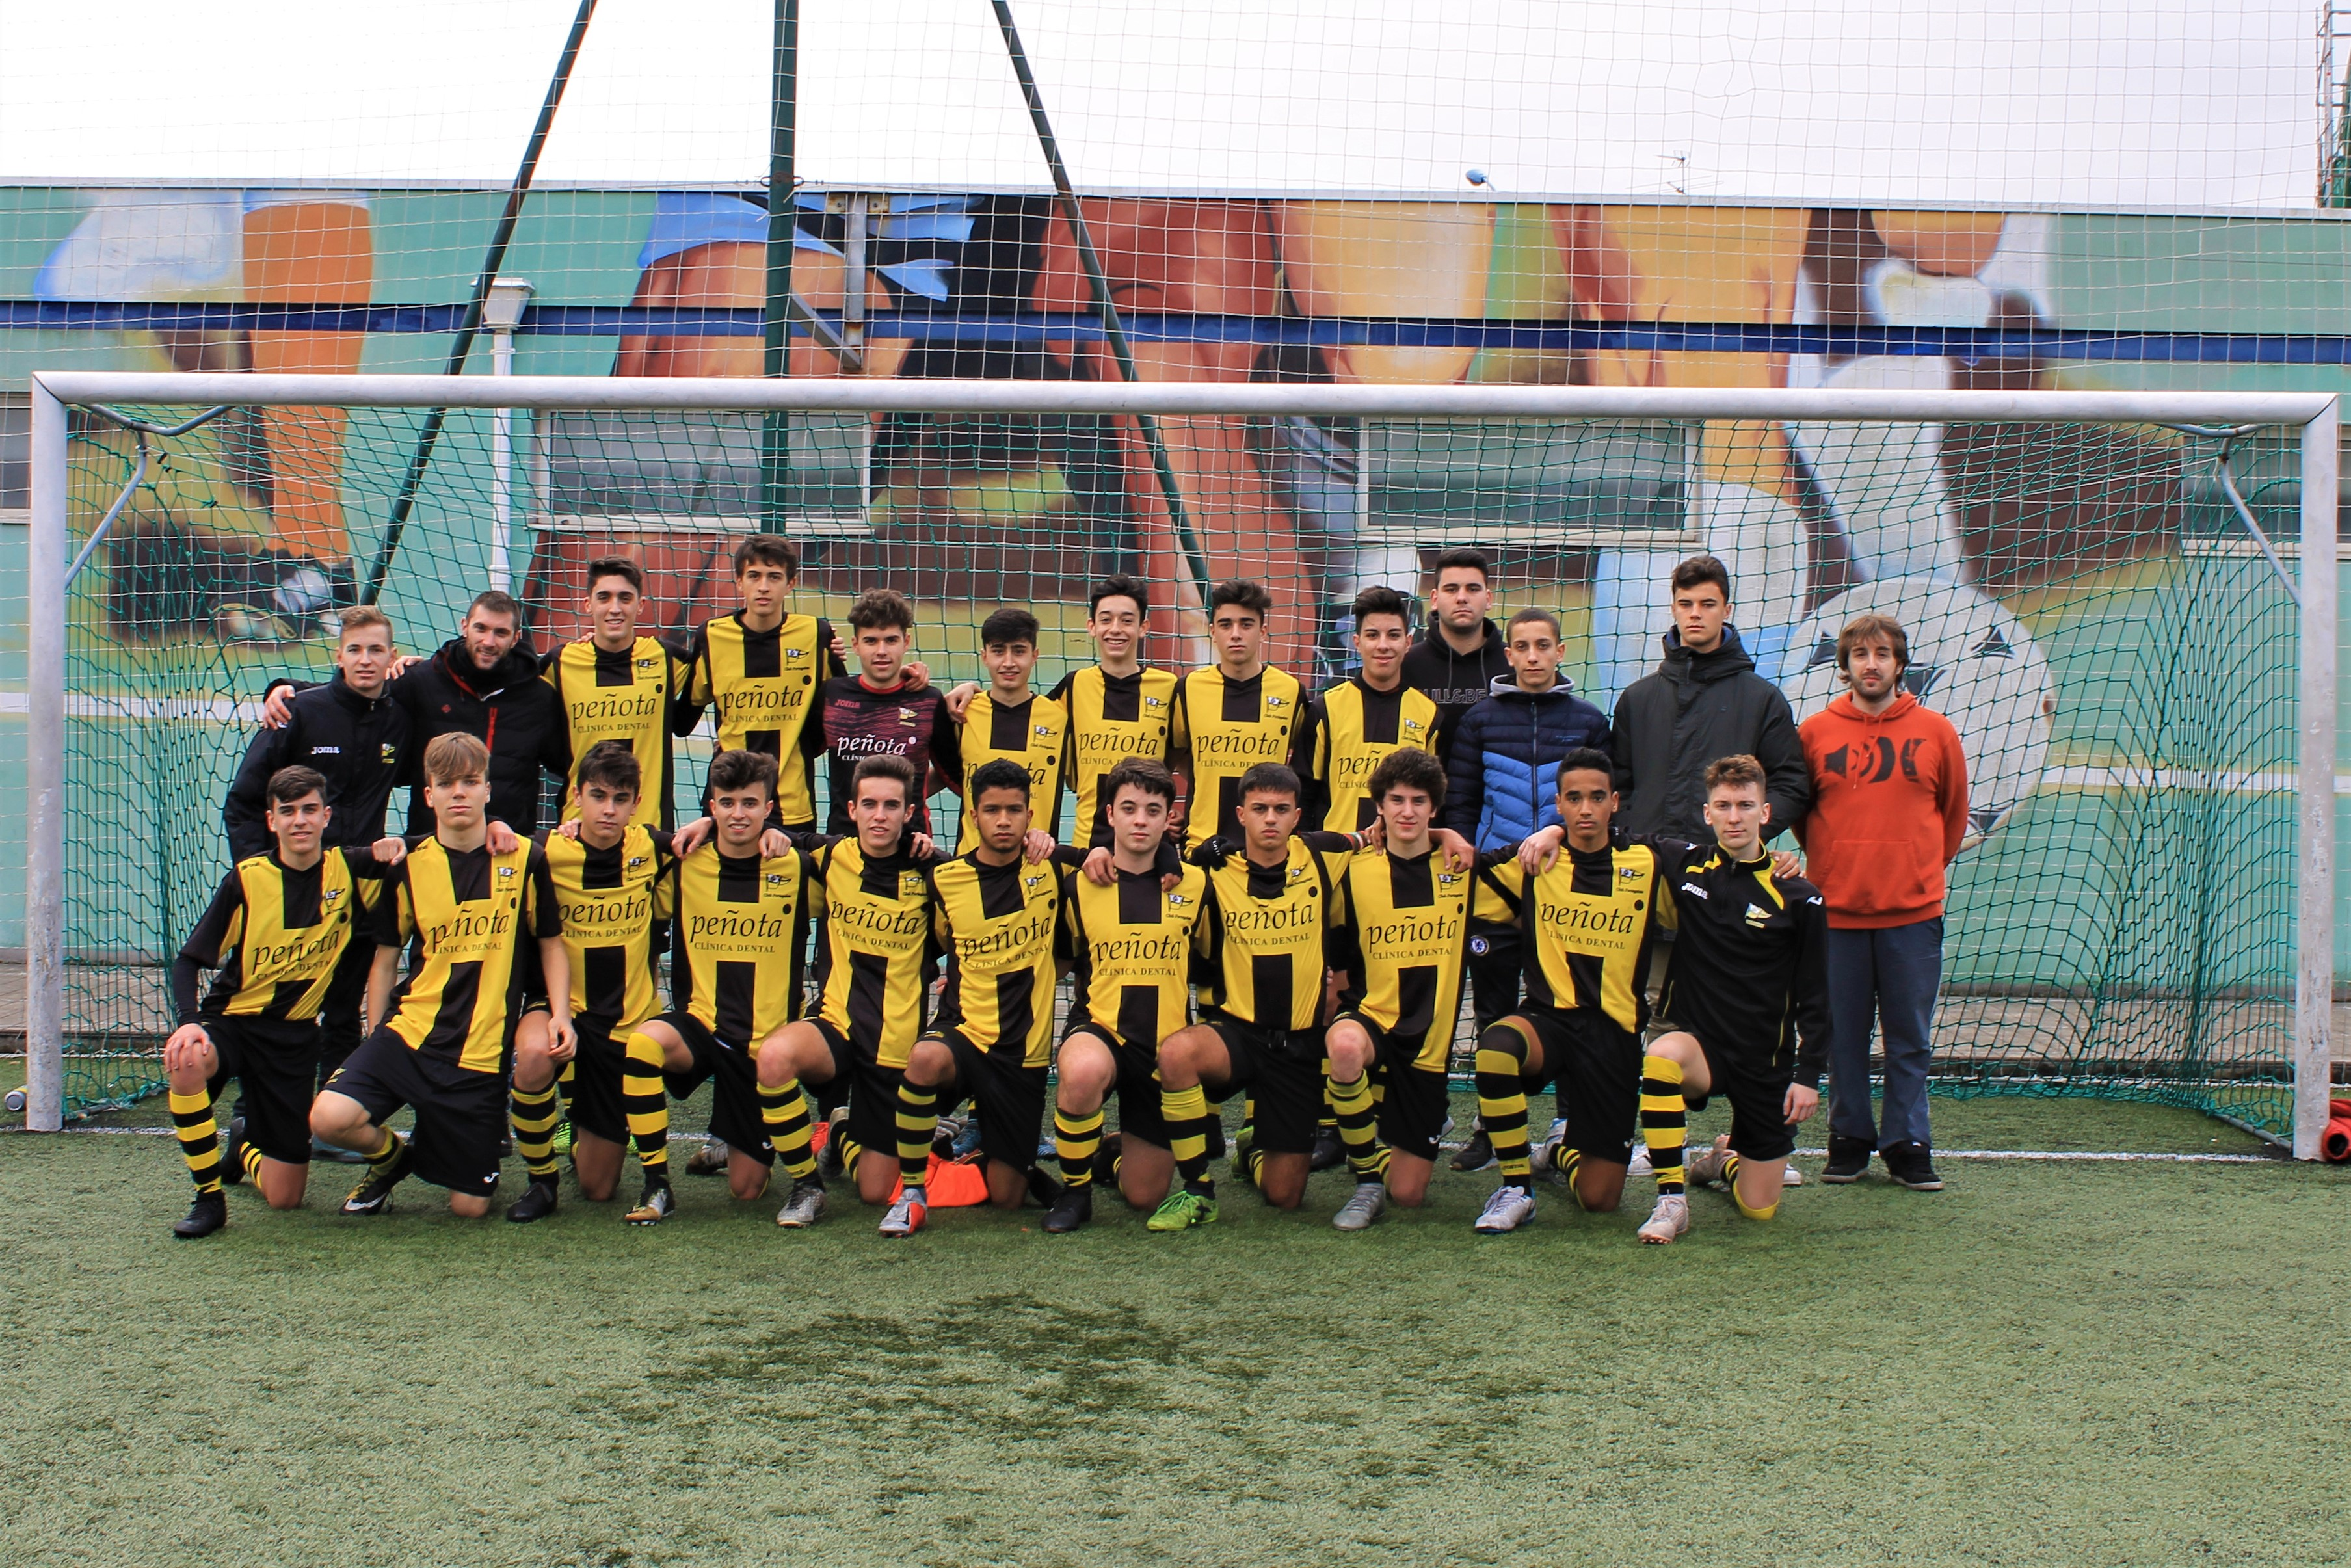 Juvenil-B-Club-portugalete-2018-2019-1